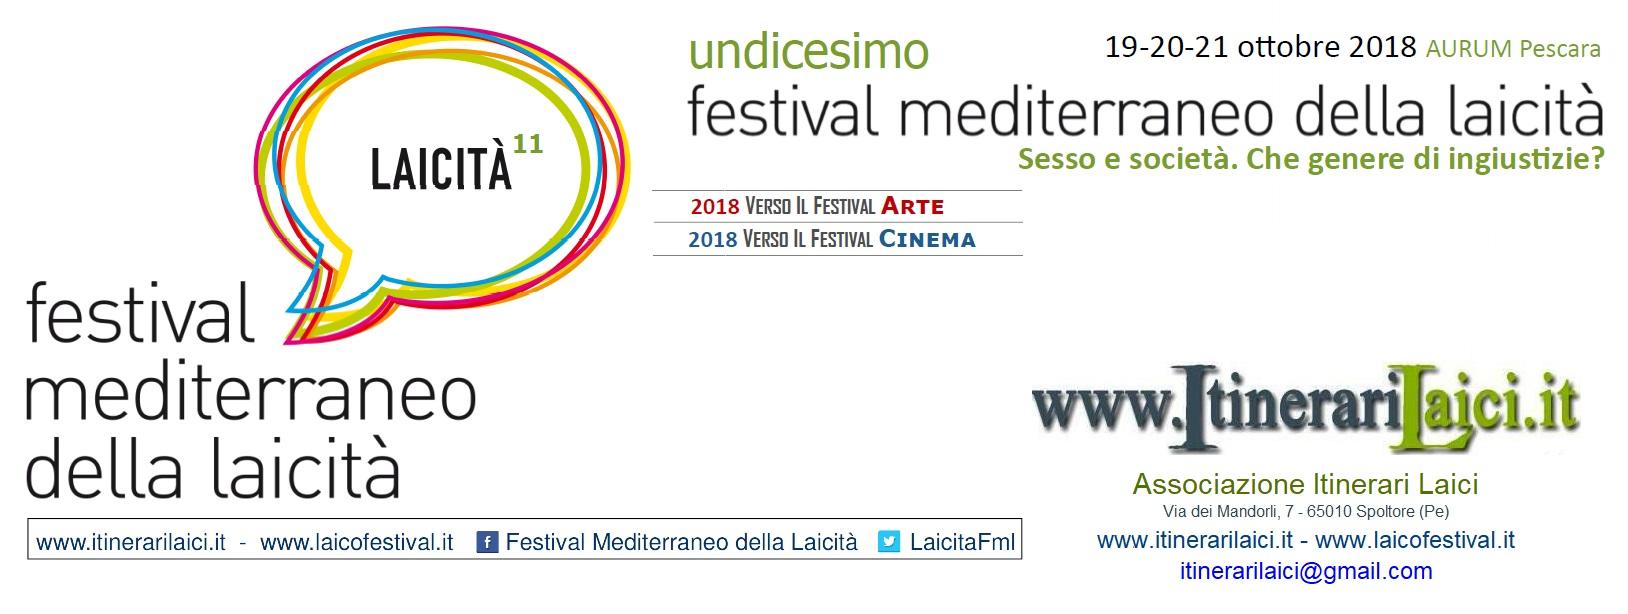 XI FML- Festival mediterraneo della laicità 2018